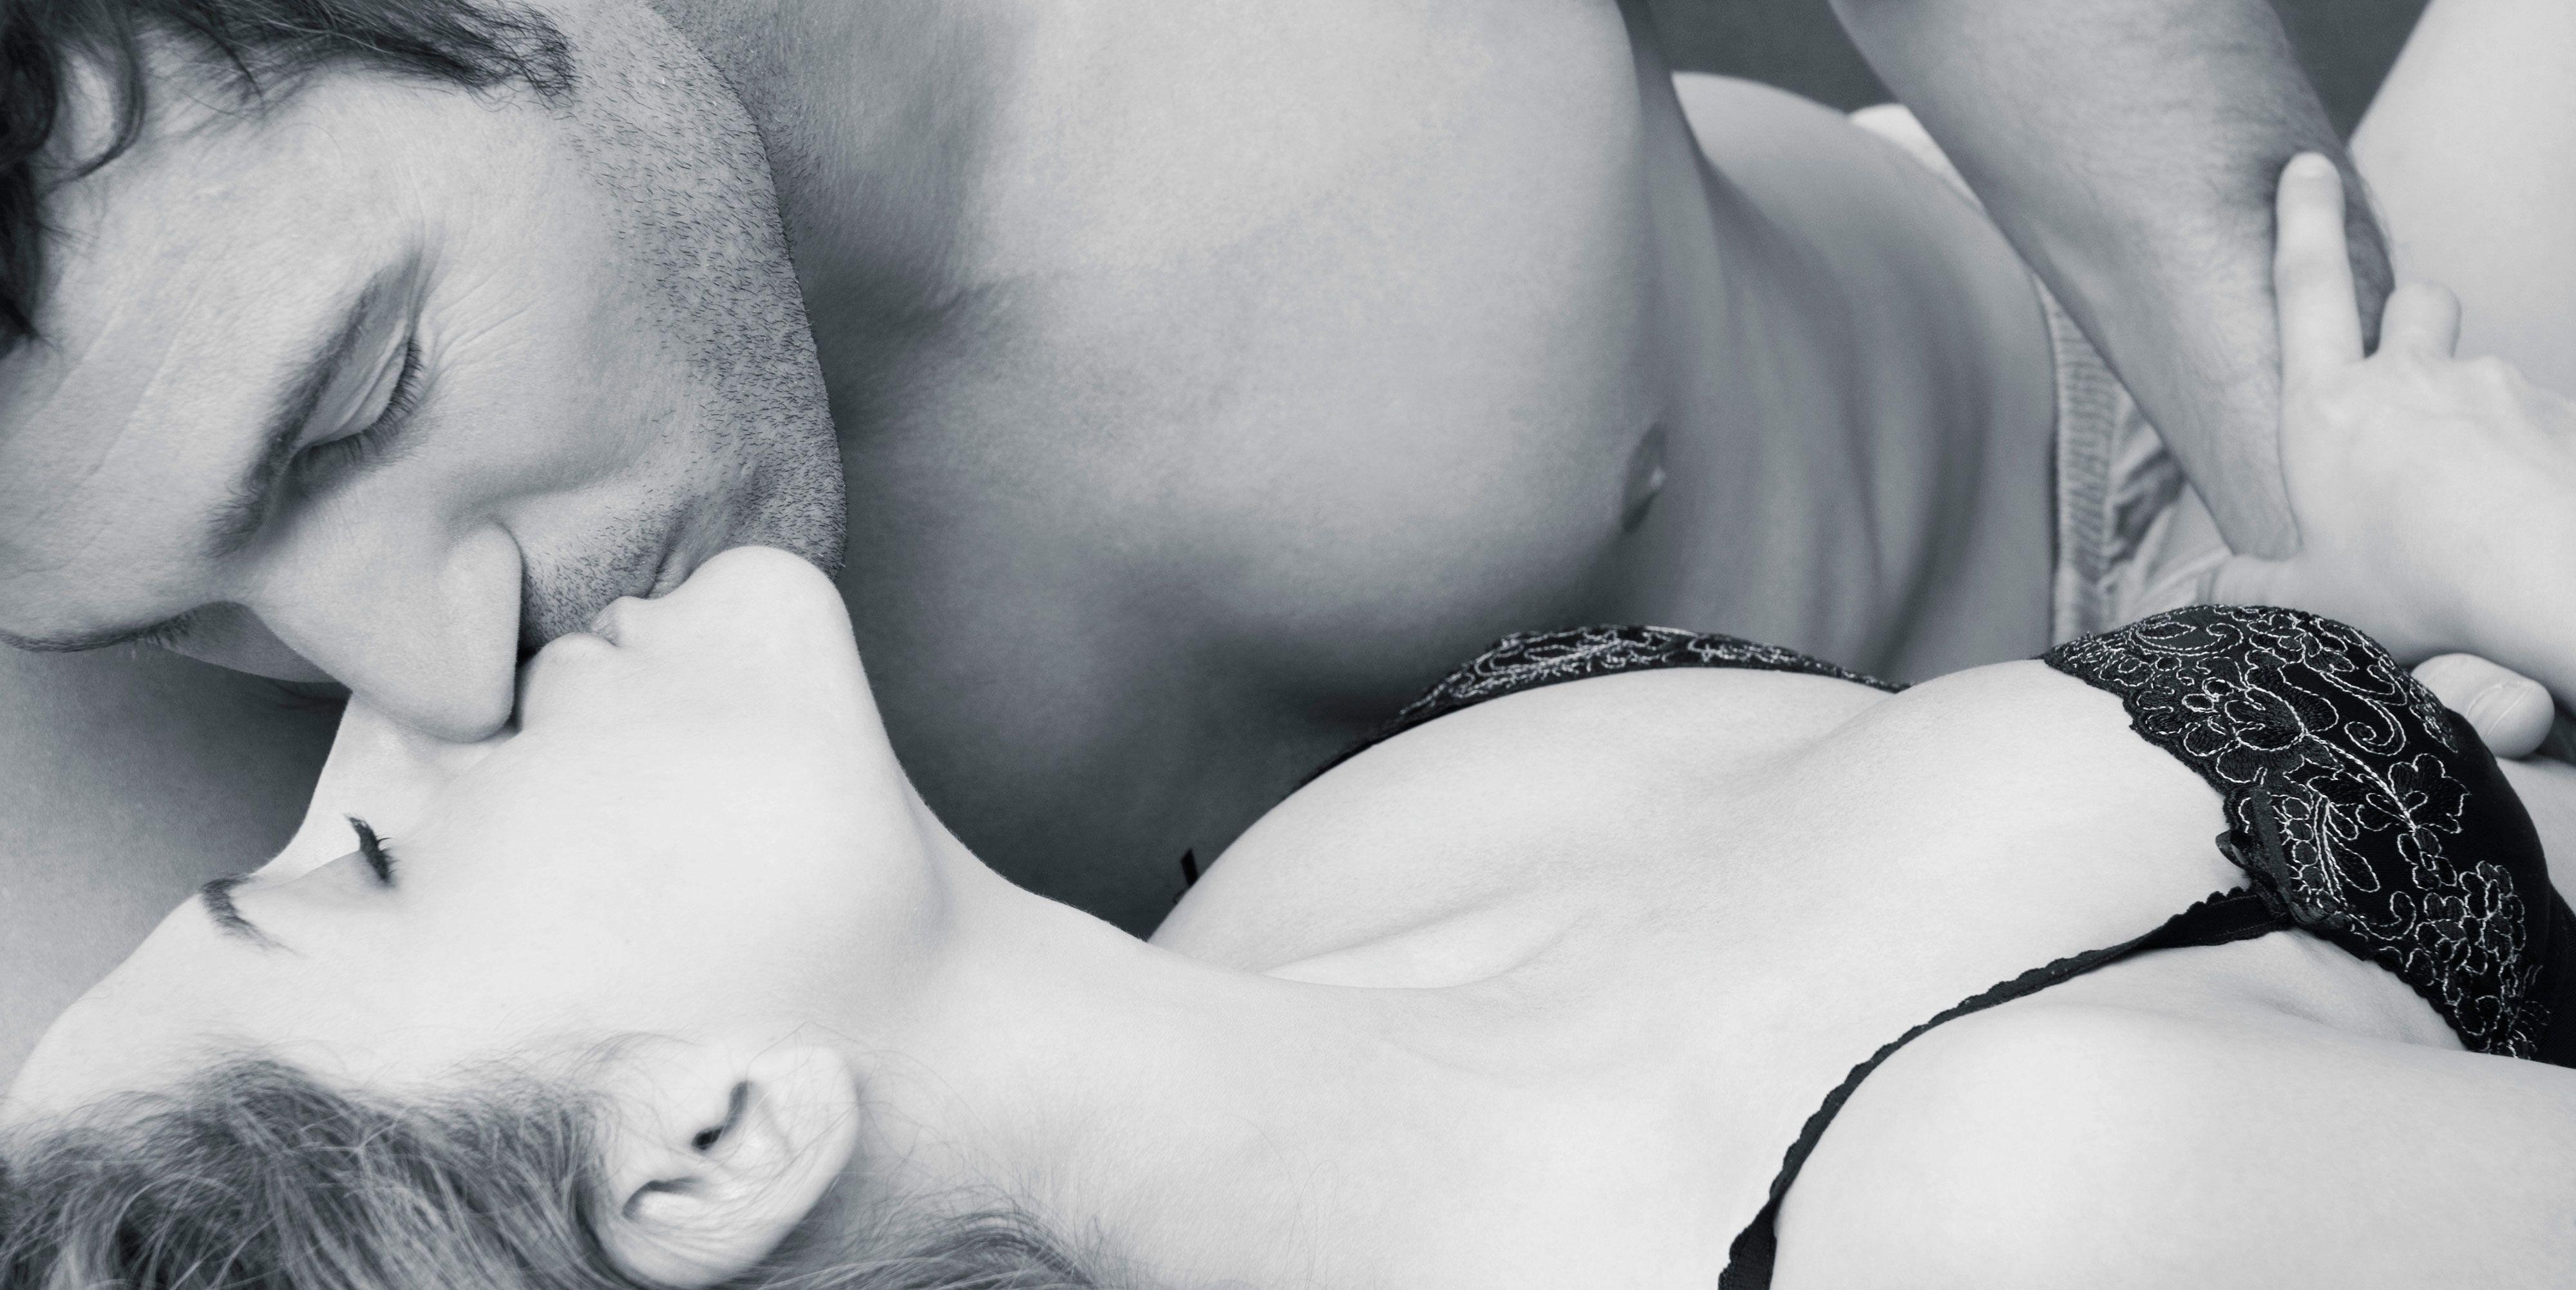 Porno Funk Erotic Sexuaal Positions Nude Women